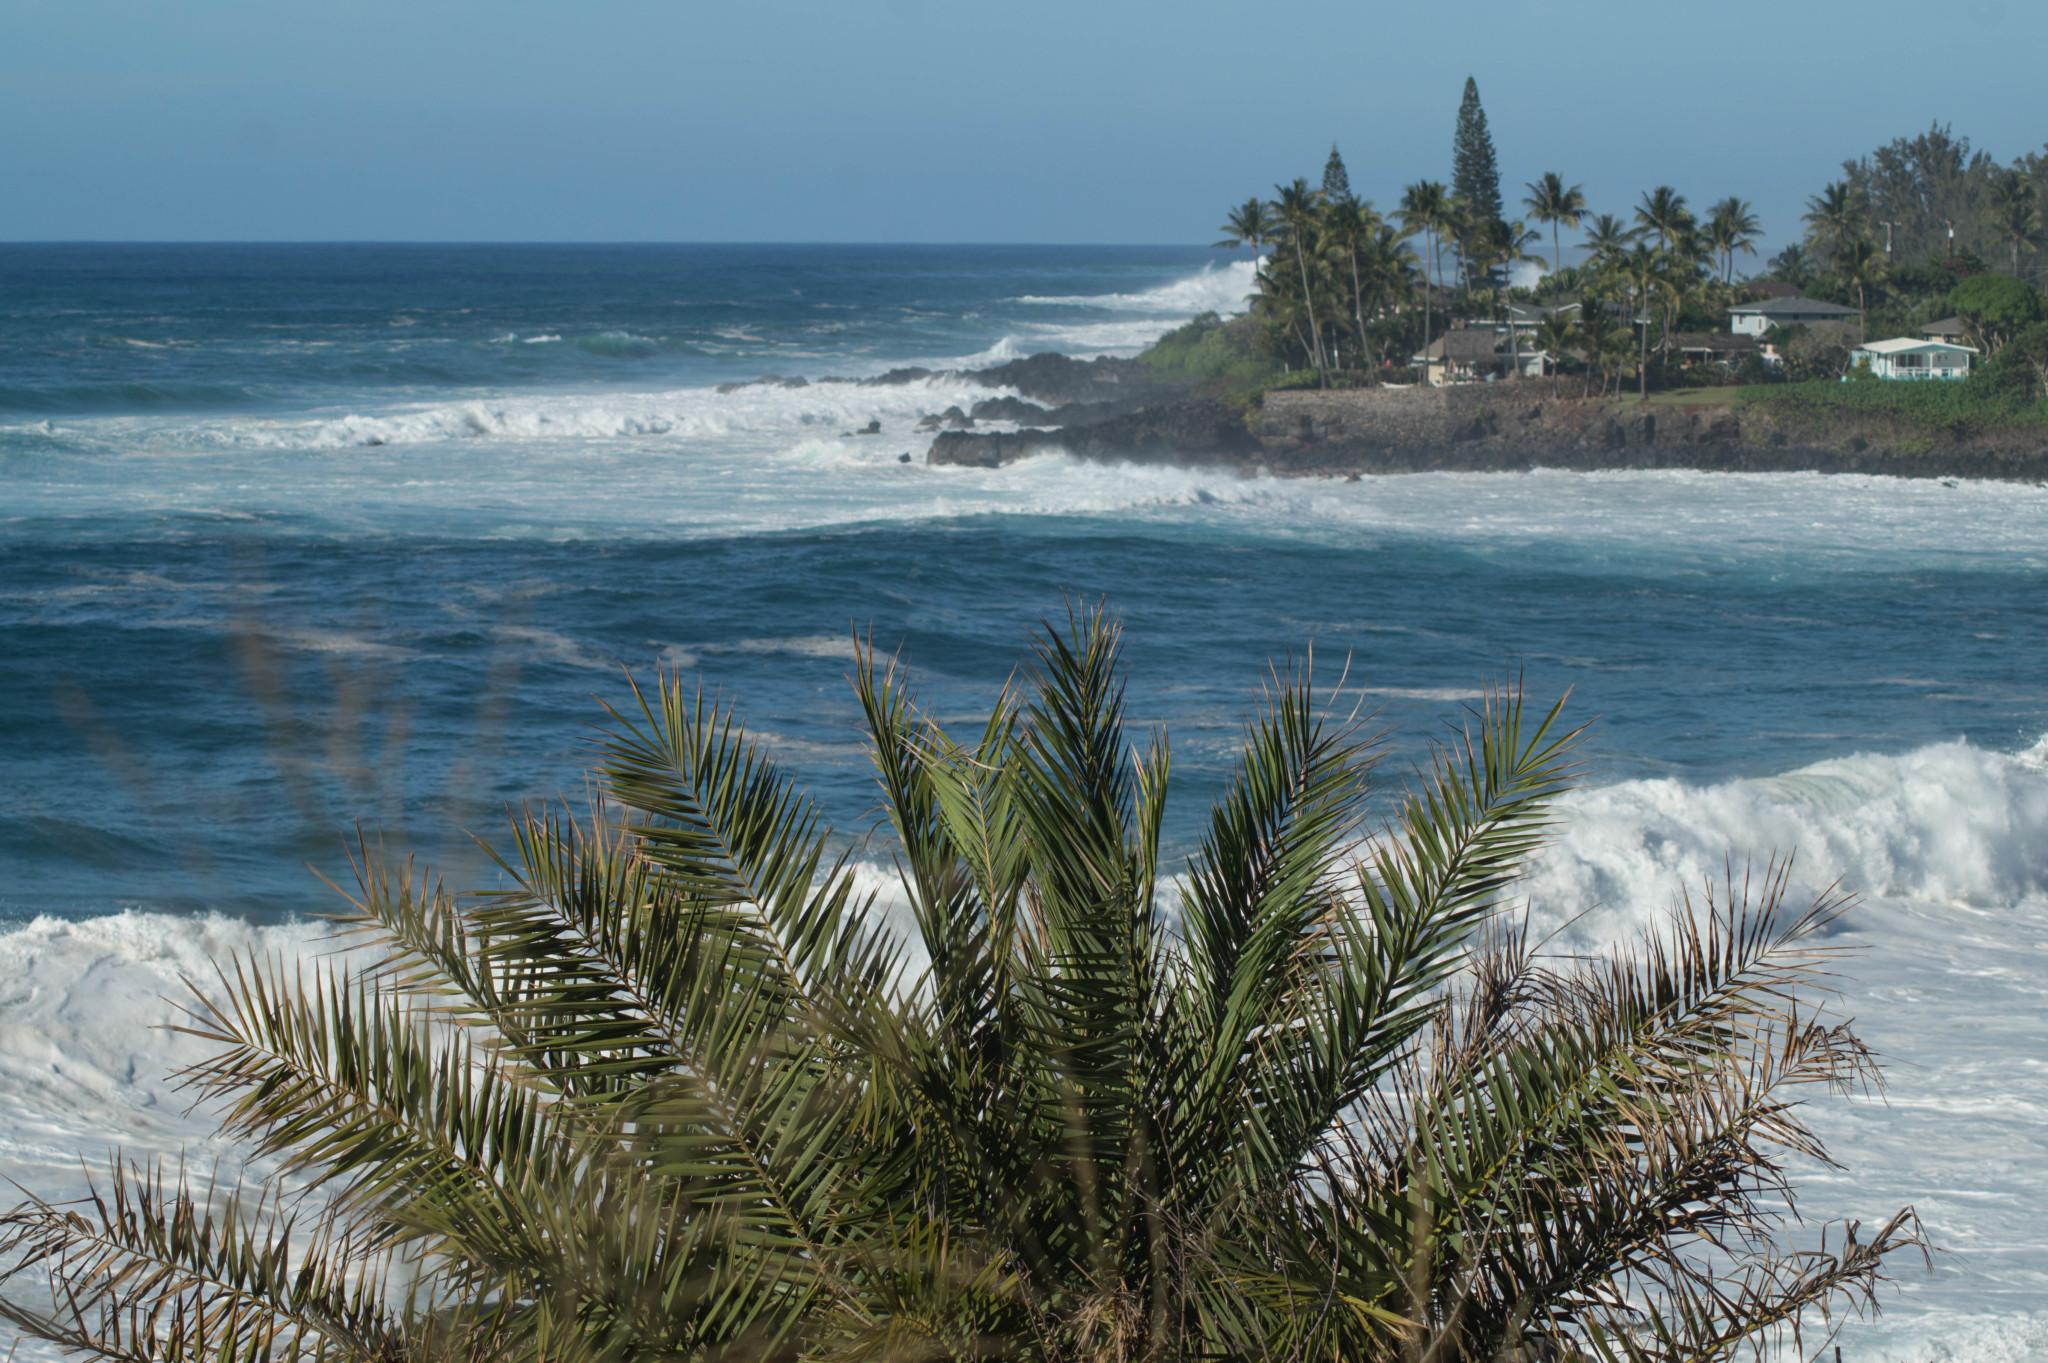 Hawaii Urlaub planen: Unsere Reisetipps im Überblick